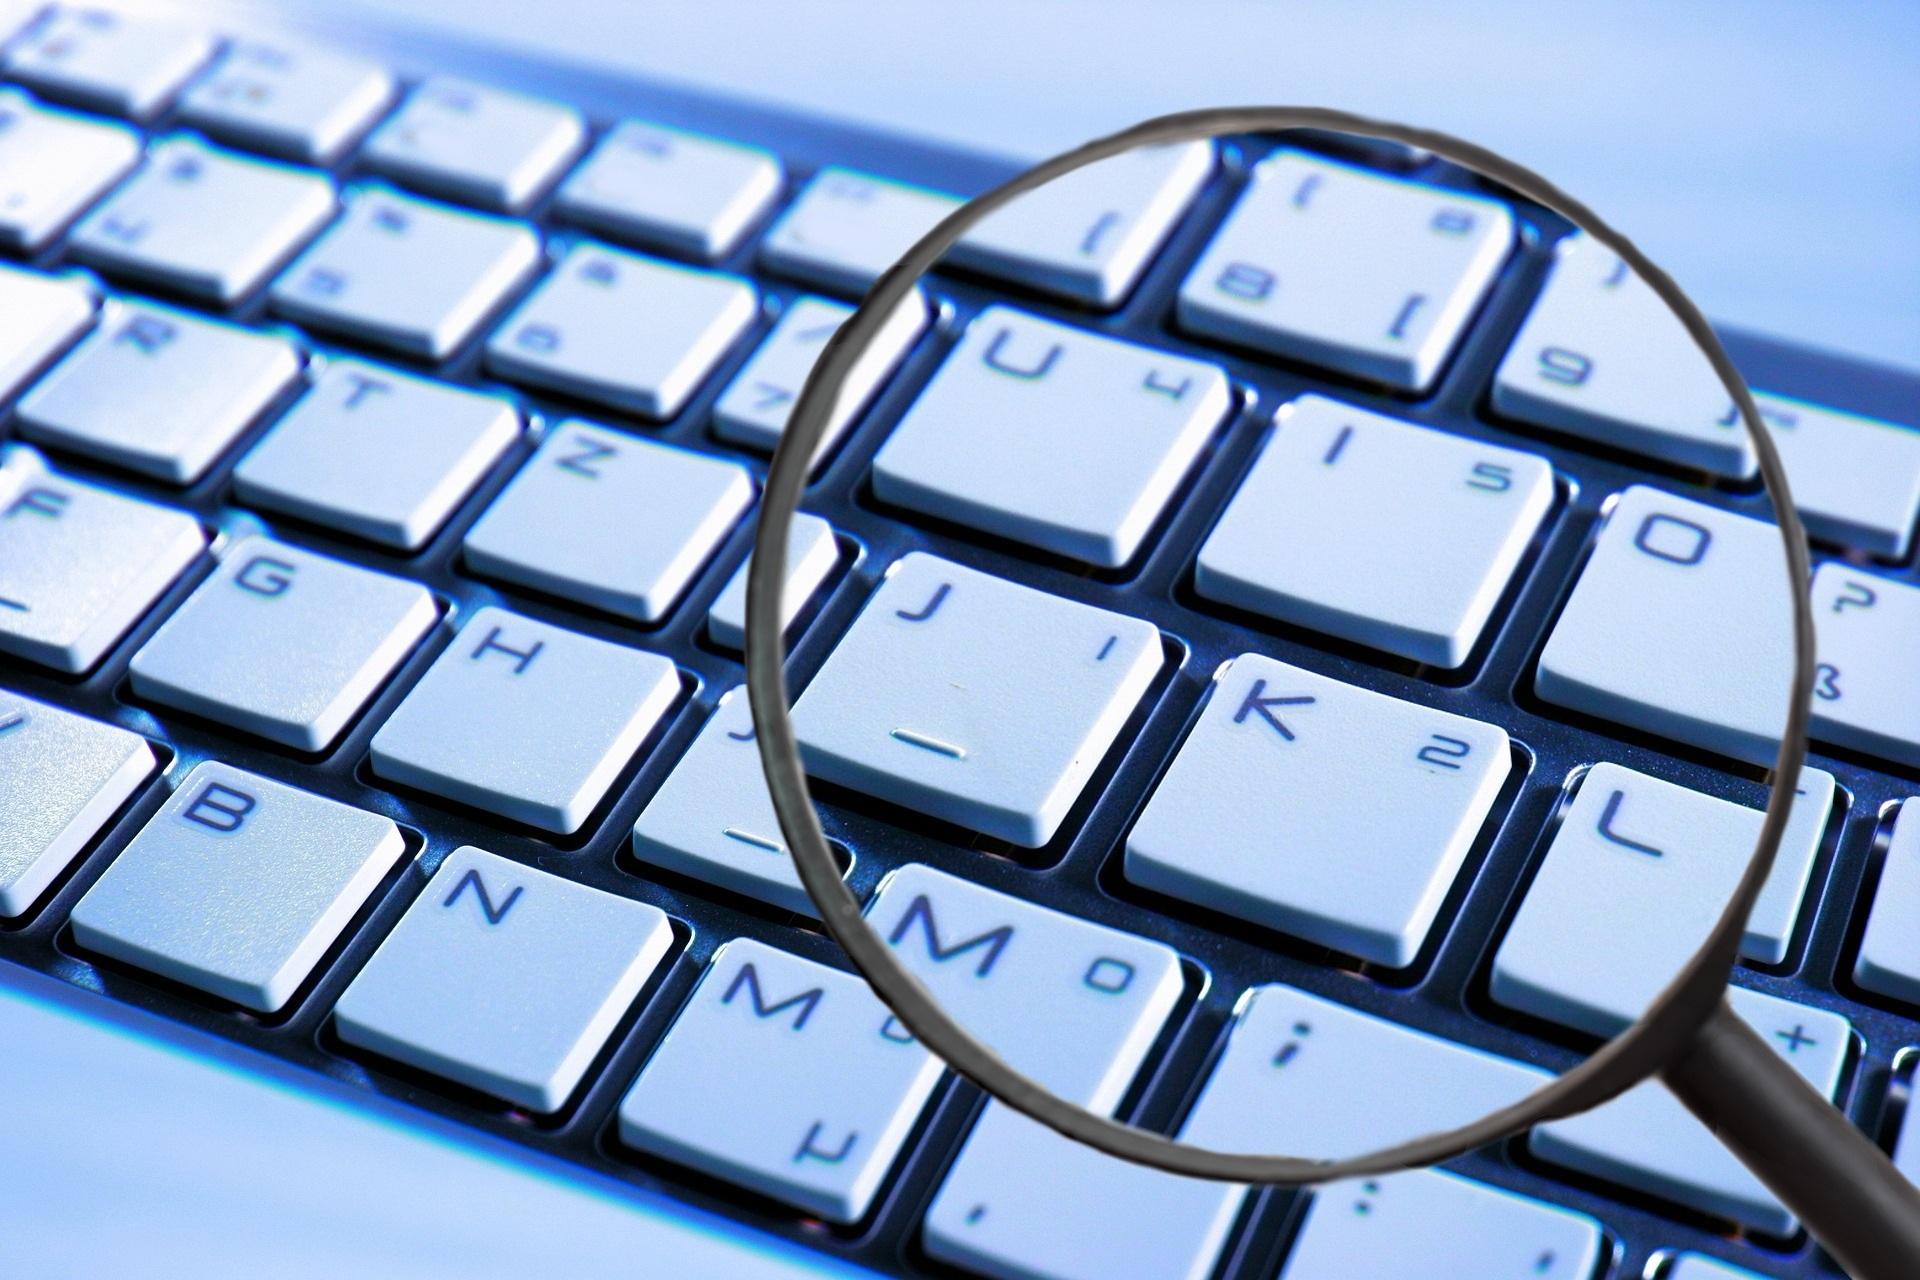 MaC & BeC Computer